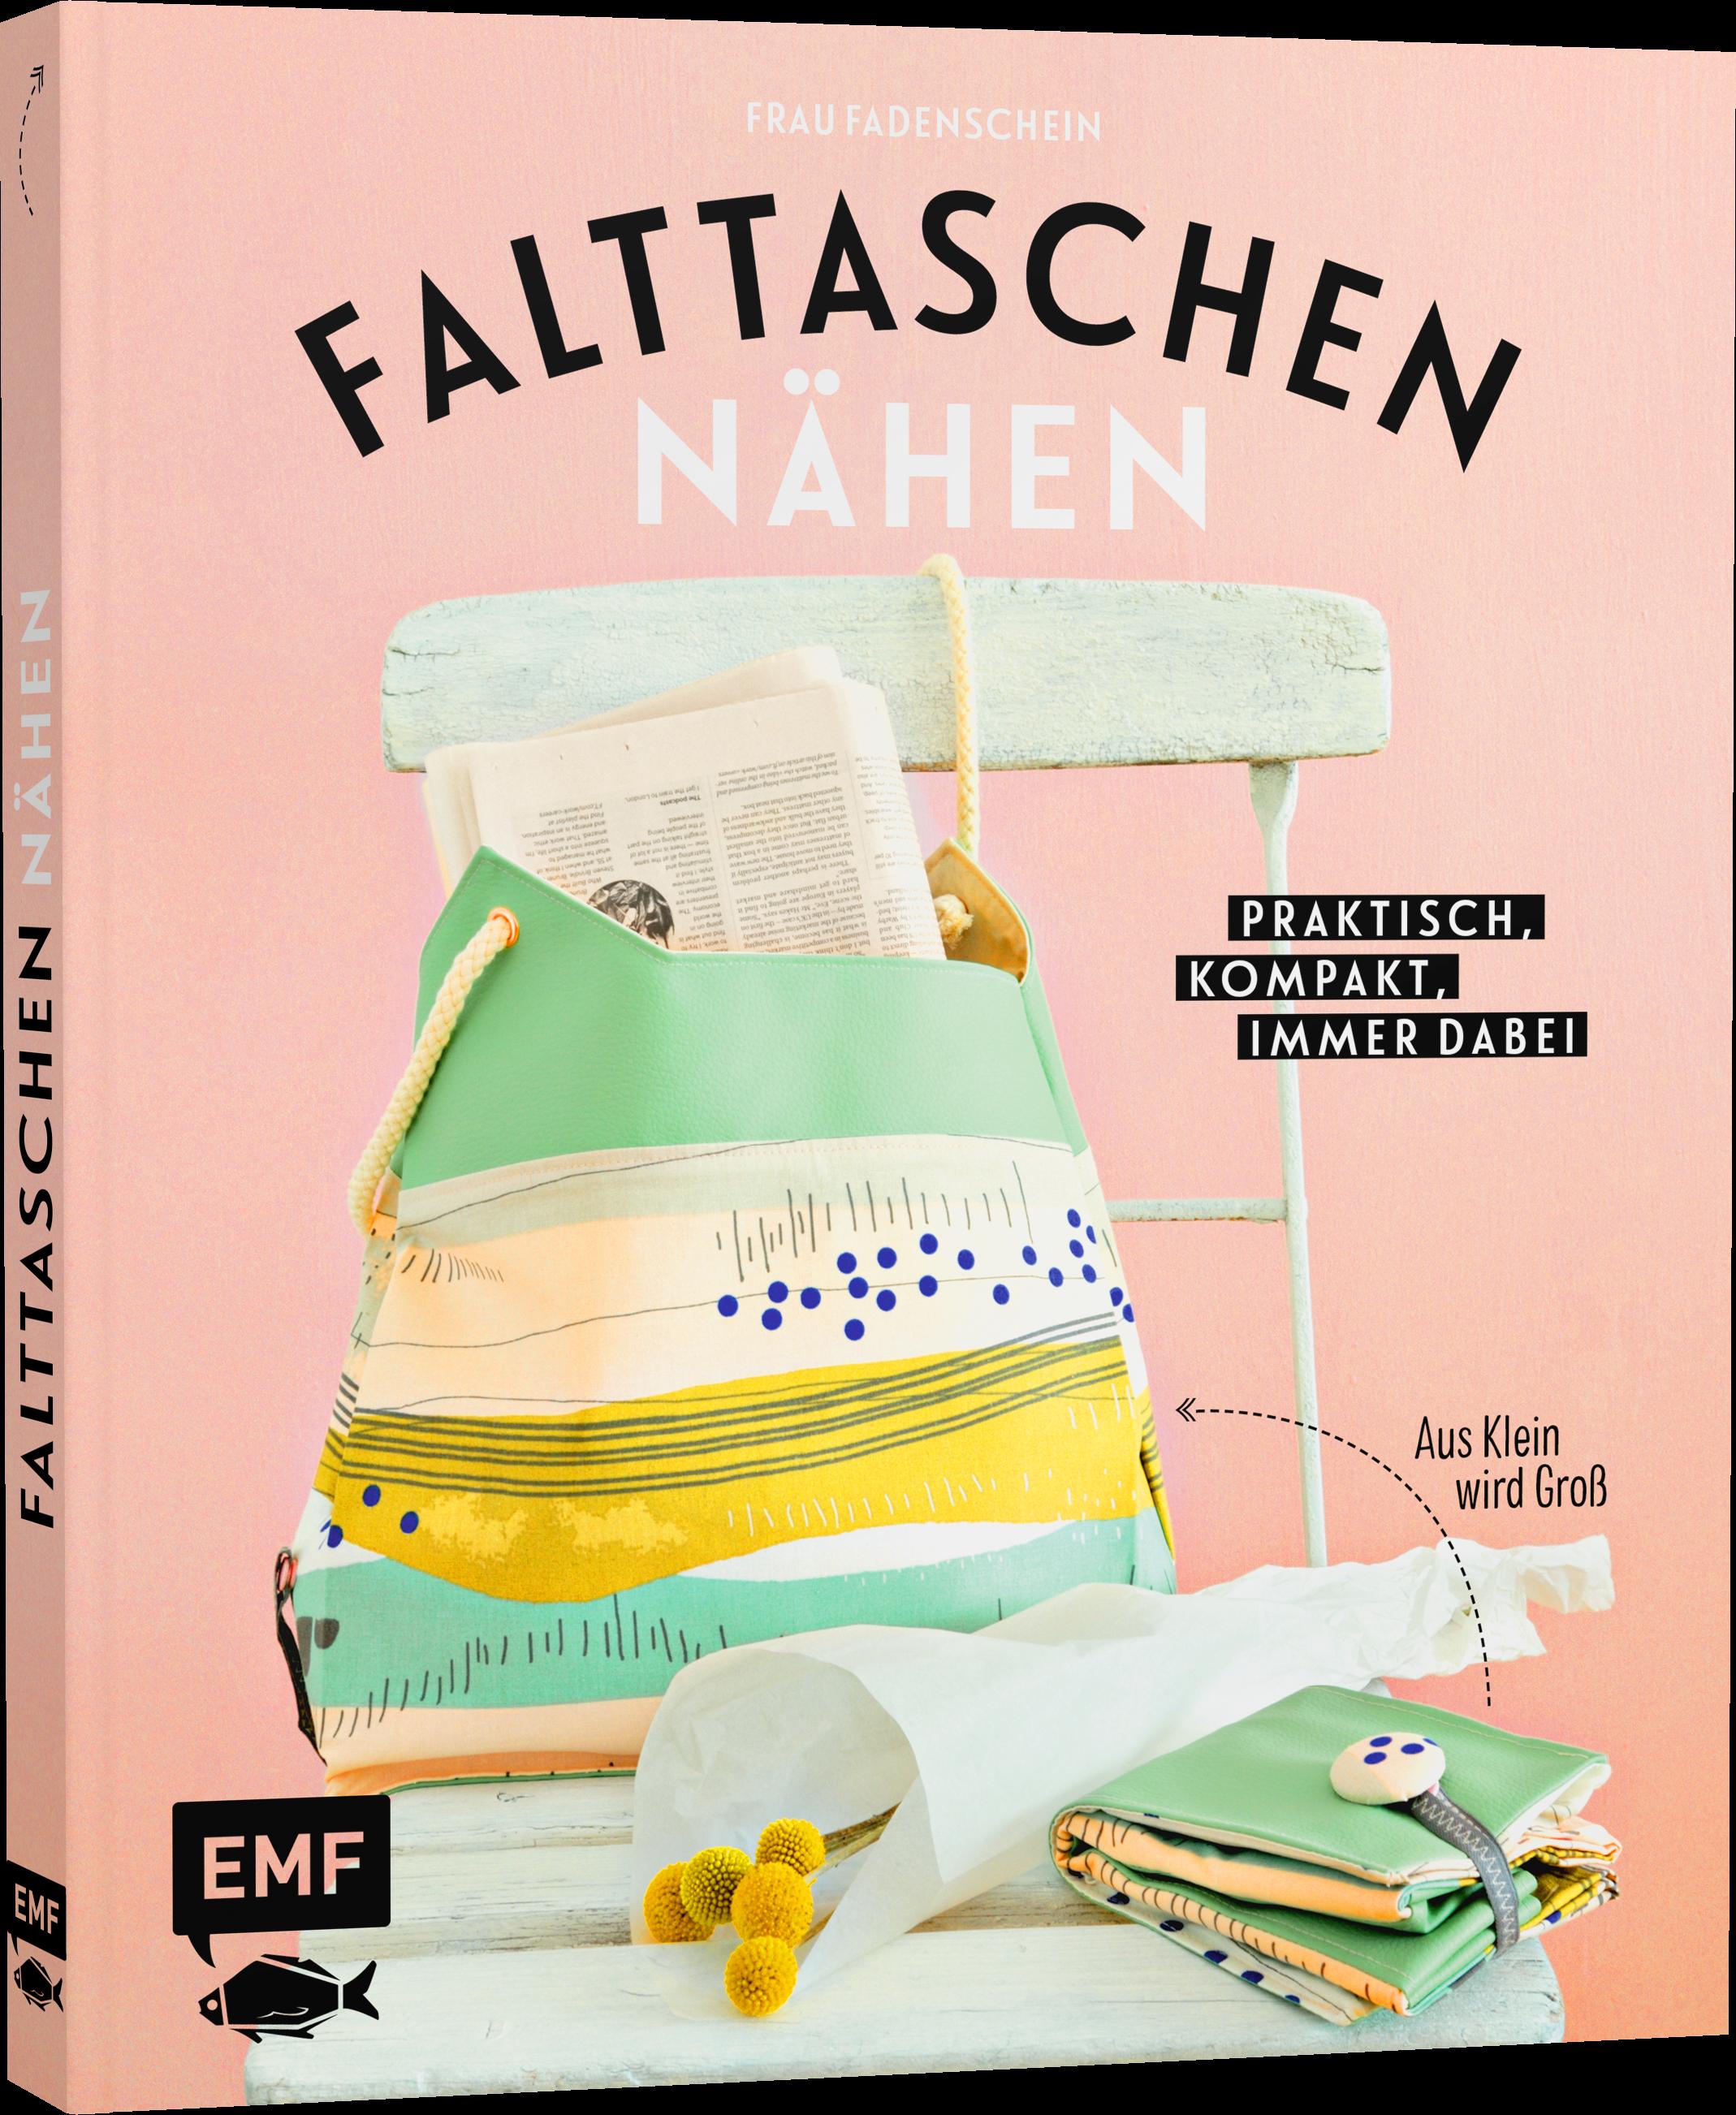 Mein neues Buch ist da: Falttaschen nähen